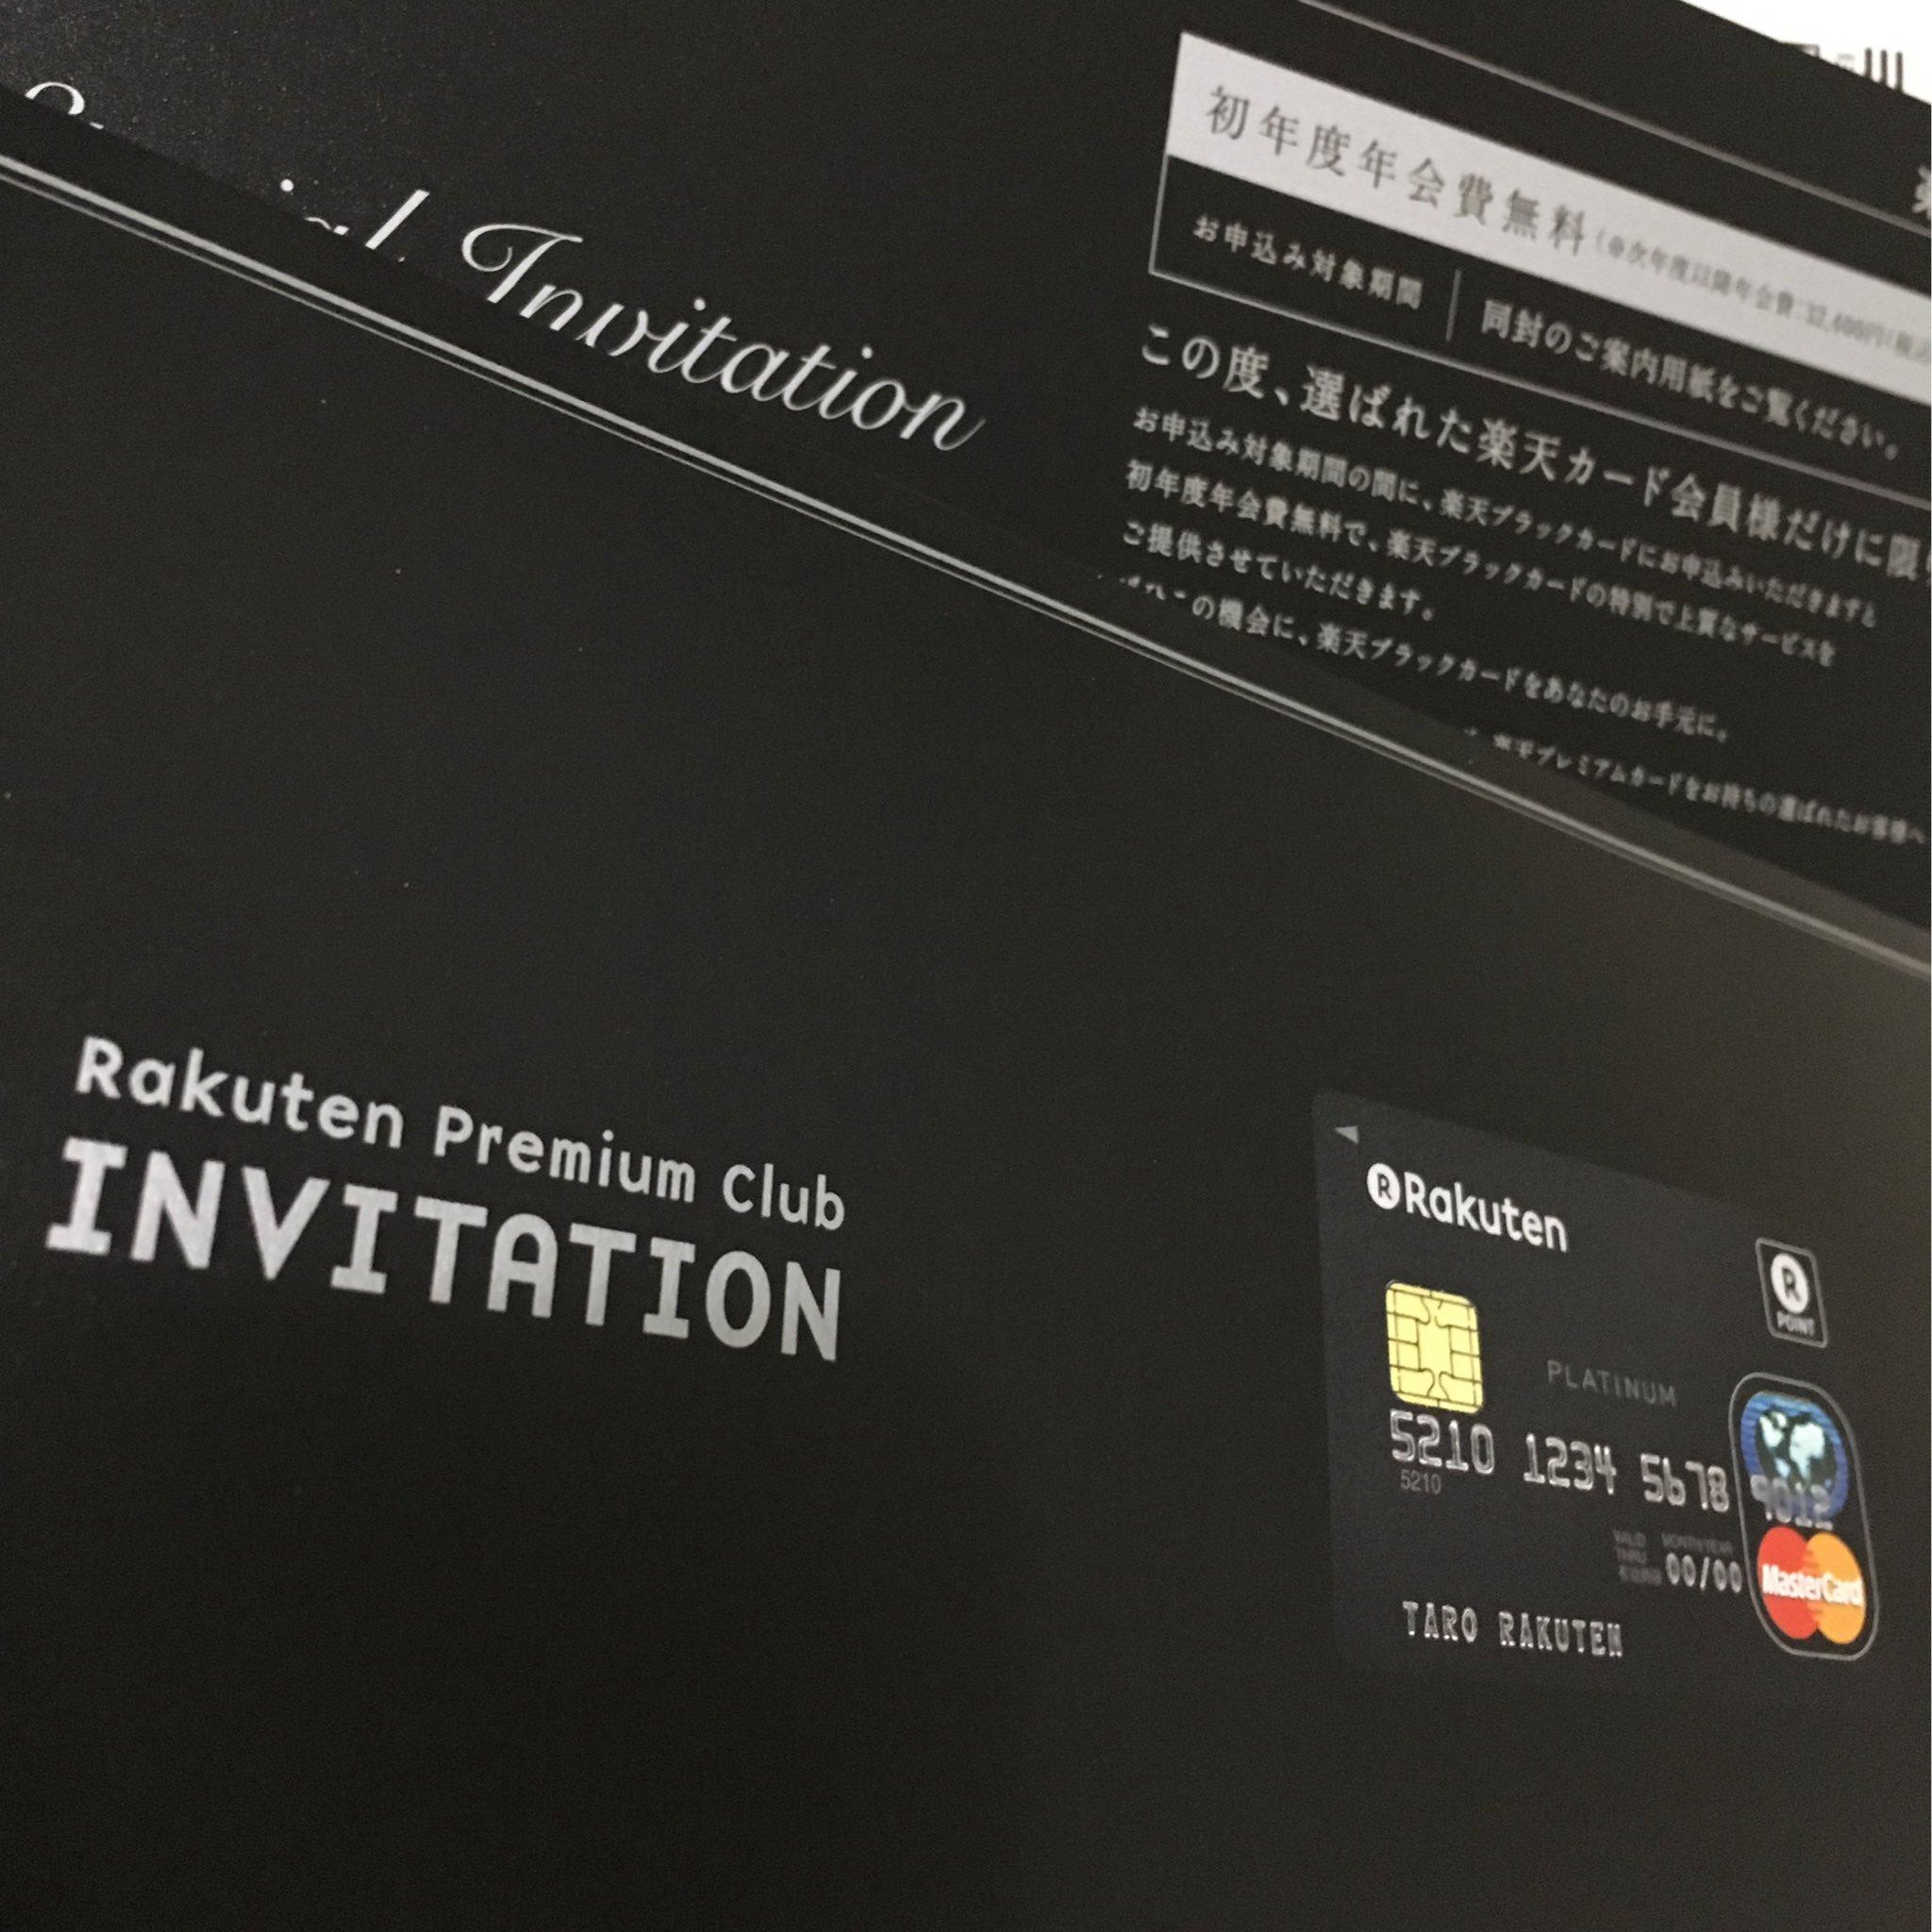 ブラック カード インビテーション 楽天